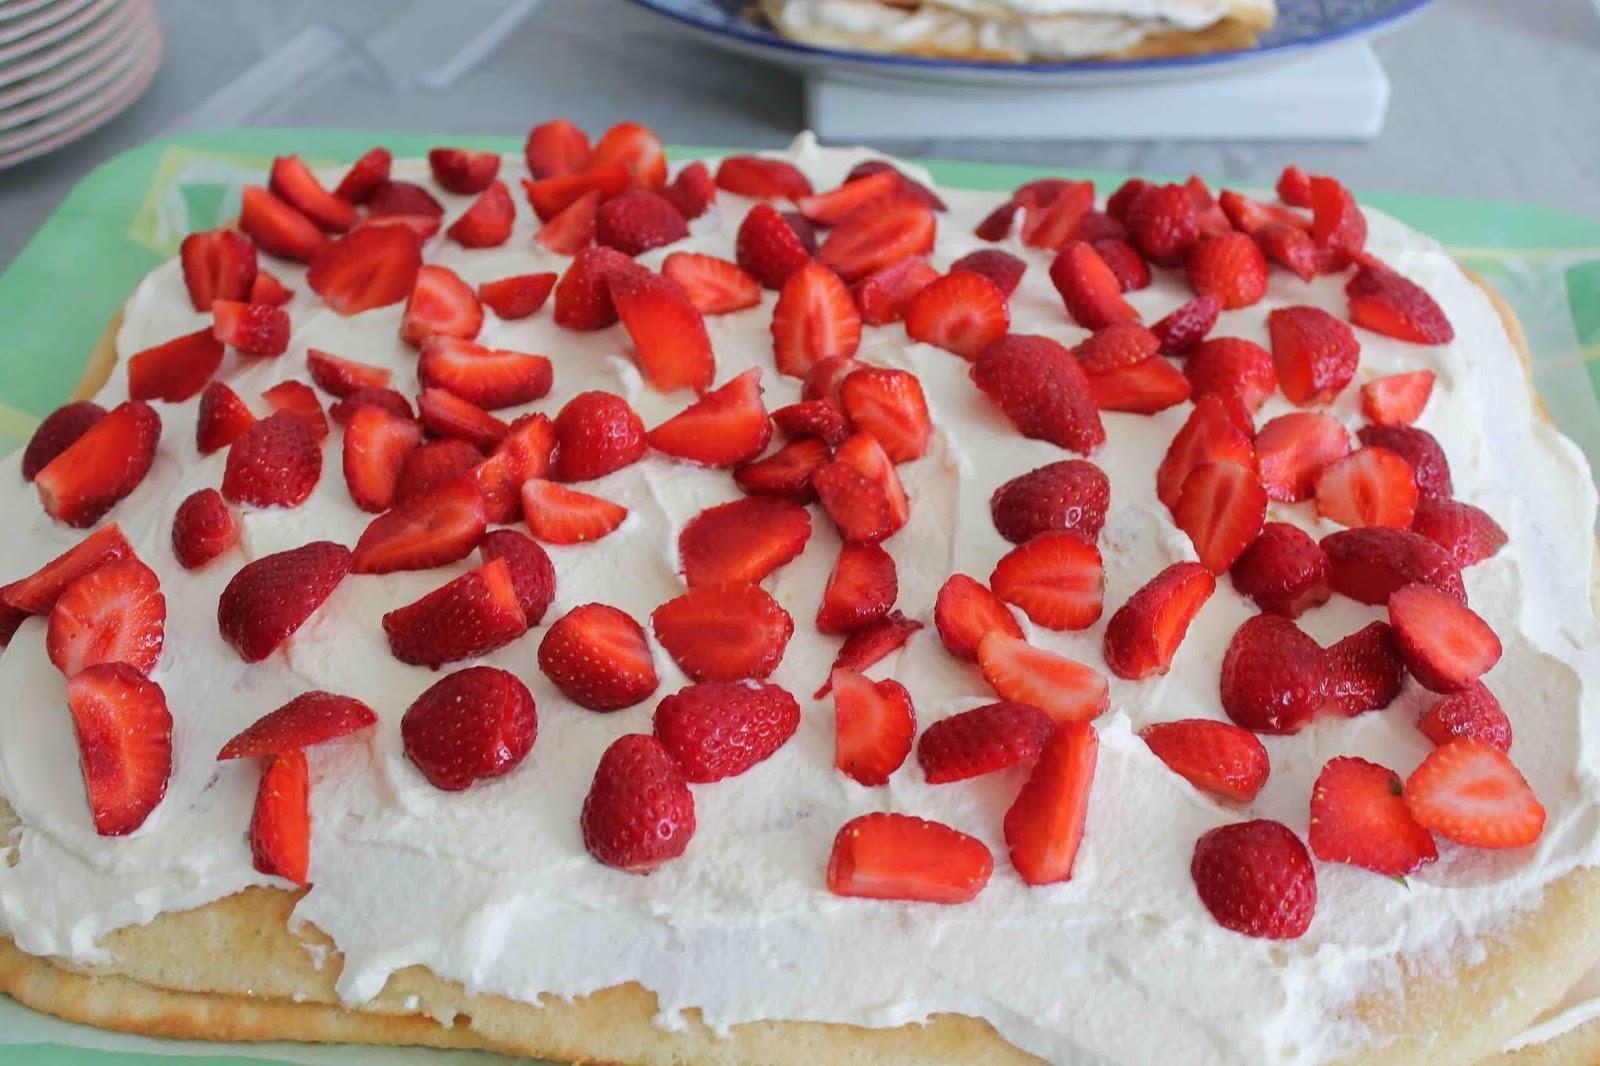 Rulltårtsbotten till tårta